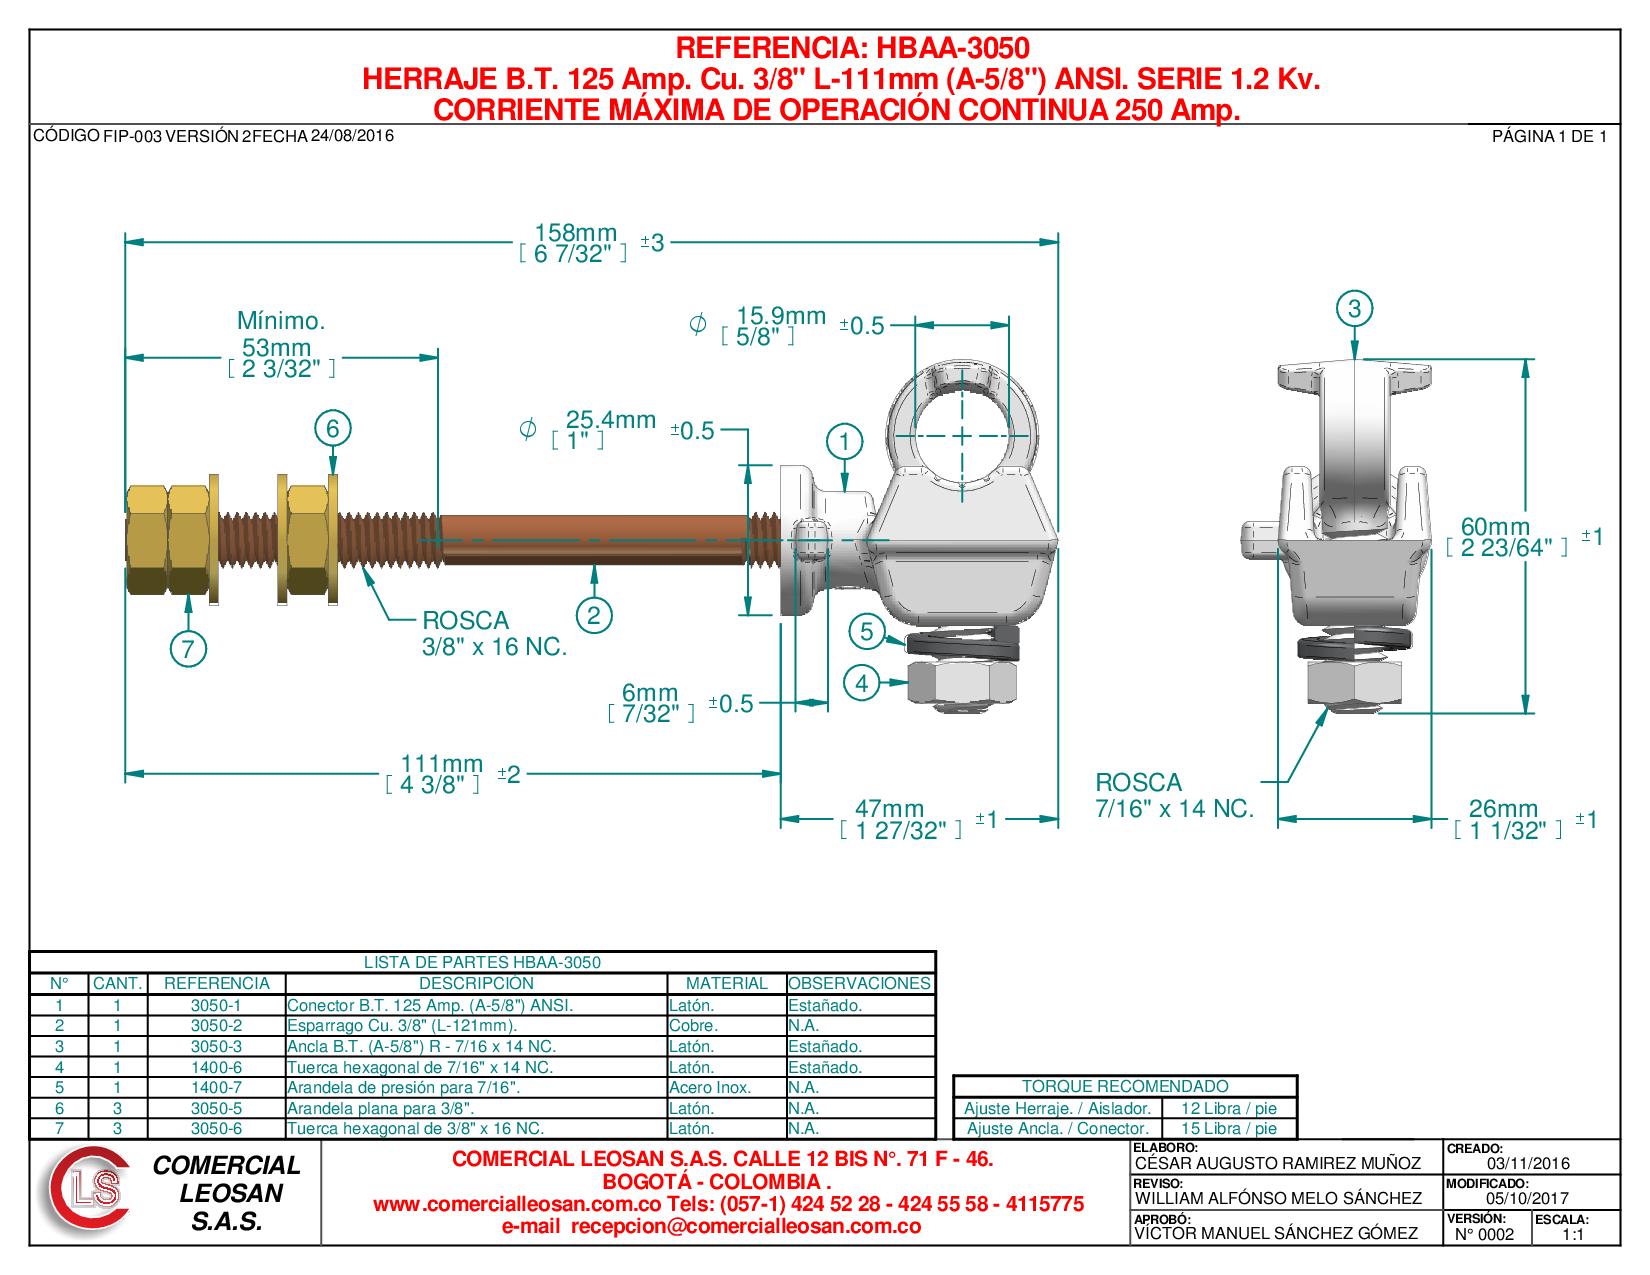 """HERRAJE B.T. 125 Amp. Cu. 3/8"""" L-111mm (A-5/8"""") ANSI. SERIE 1.2 Kv."""